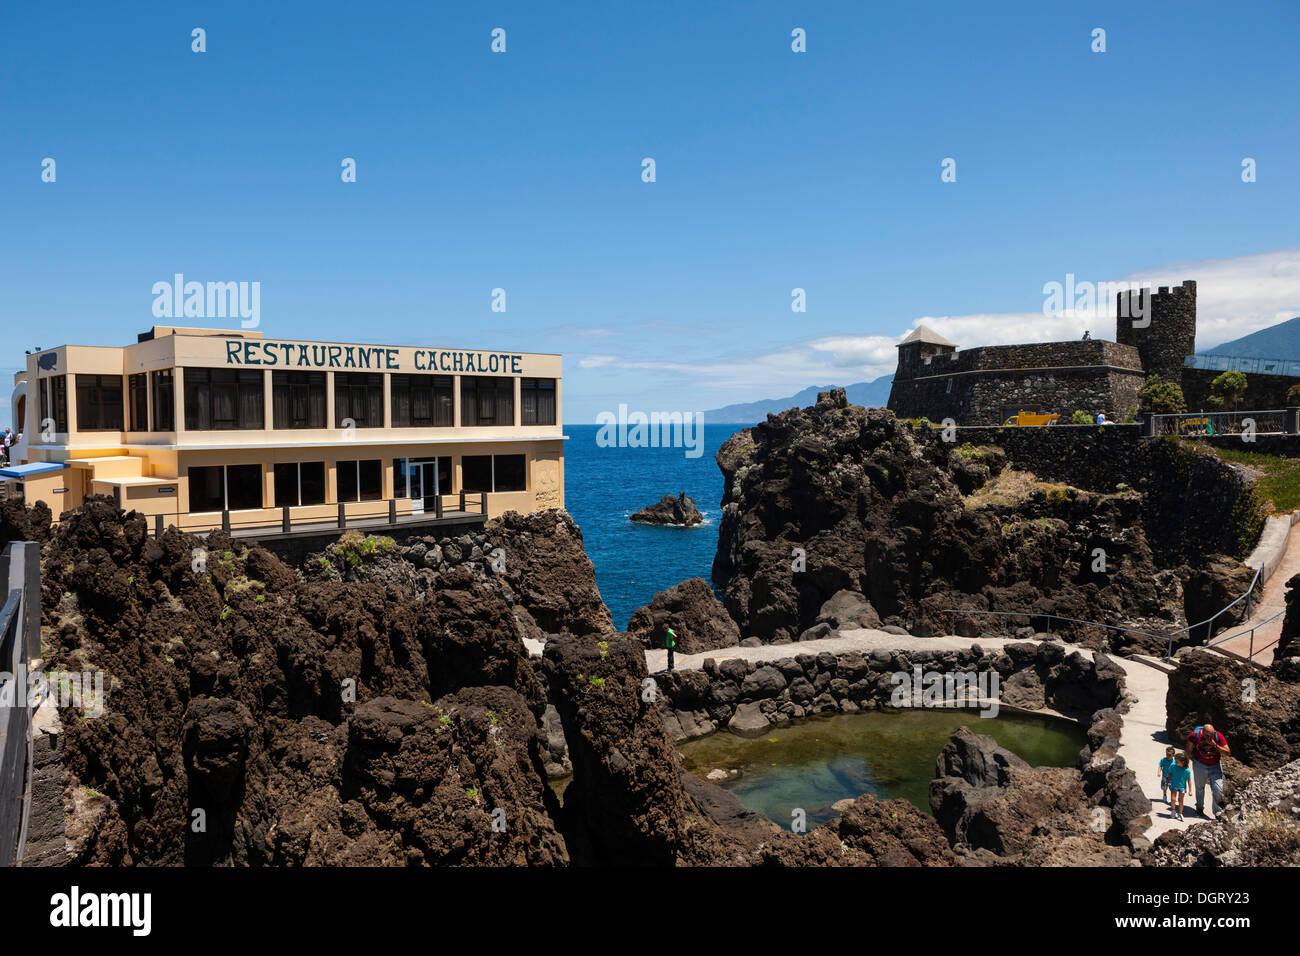 Restaurant Cachalote and the Madeira Aquarium, Lanceiros, Porto Moniz, Madeira, Portugal - Stock Image